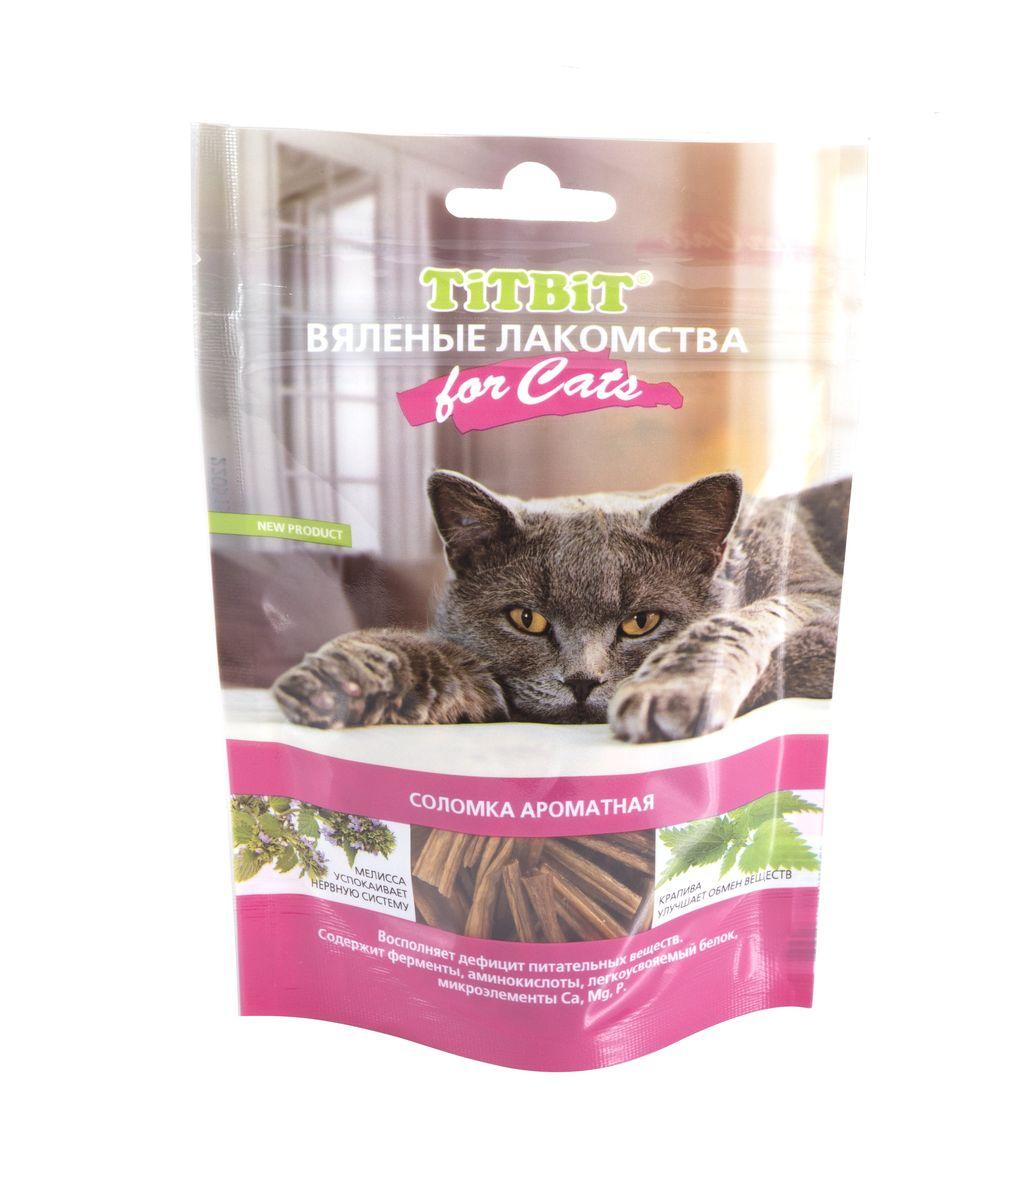 Лакомство для кошек Titbit, вяленая соломка, 40 г005149Вяленые лакомства Titbit - новые продукты премиум-класса для кошек. Изготовлены по уникальной технологии с использованием только натуральных мясных продуктов и более 20 эффективных фитокомплексов, обладающих профилактическими и иммуномодулирующими свойствами. Нежные кусочки мясопродуктов, пропитанные ароматными травами и растительными экстрактами, понравятся даже самому капризному питомцу. Лакомства предназначены для здоровых кошек всех пород и возрастов, ведущих активный образ жизни. Для производства лакомств используются только натуральные мясные продукты. Благодаря высокой пищевой ценности, позволяют удовлетворить повышенные потребности в энергии. Лакомство содержит ферменты, аминокислоты, легкоусвояемый белок, микроэлементы Ca, Mg, P. Вяленые лакомства Titbit произведены по оригинальной технологии. Мясные продукты сначала замачивают в обогащенной фитокорректорами смеси, затем происходит процесс вяления, аналогичный естественной сушке на солнце. Состав: кишки...